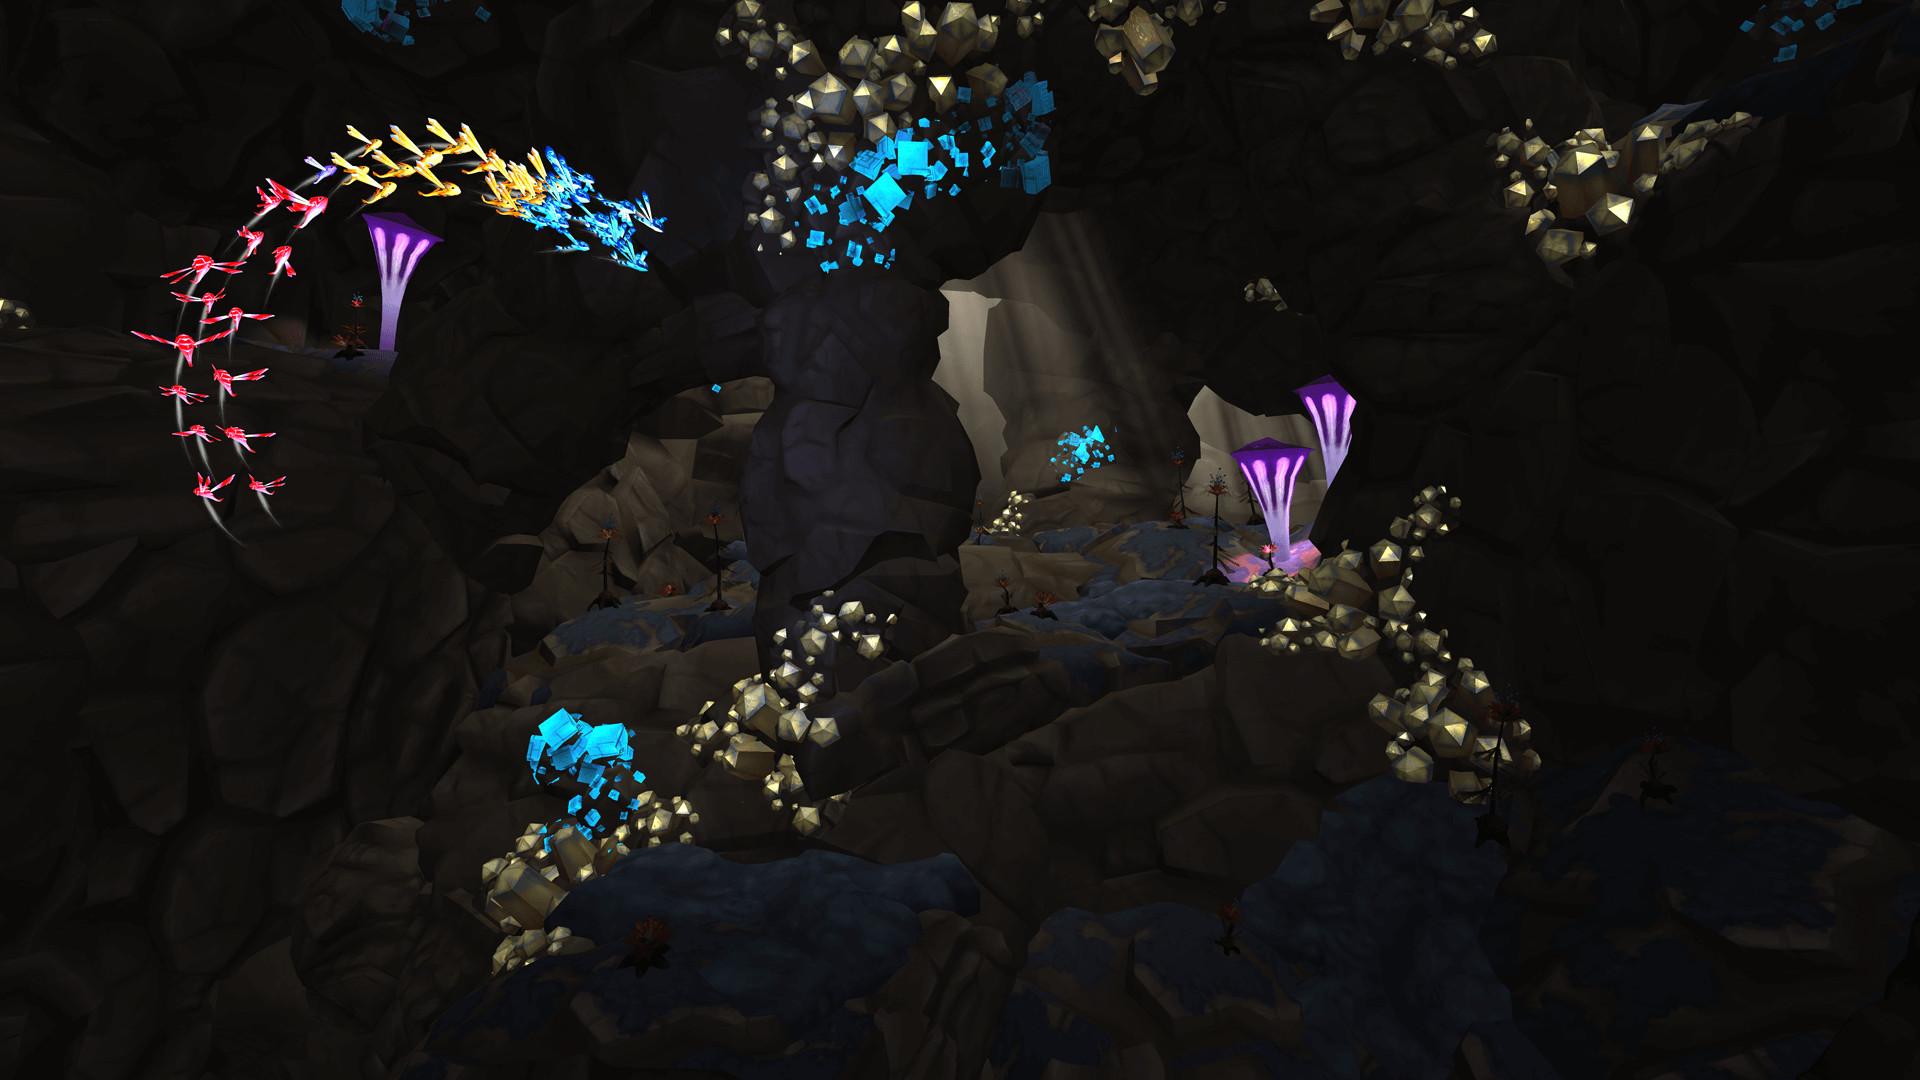 Lumini screenshot